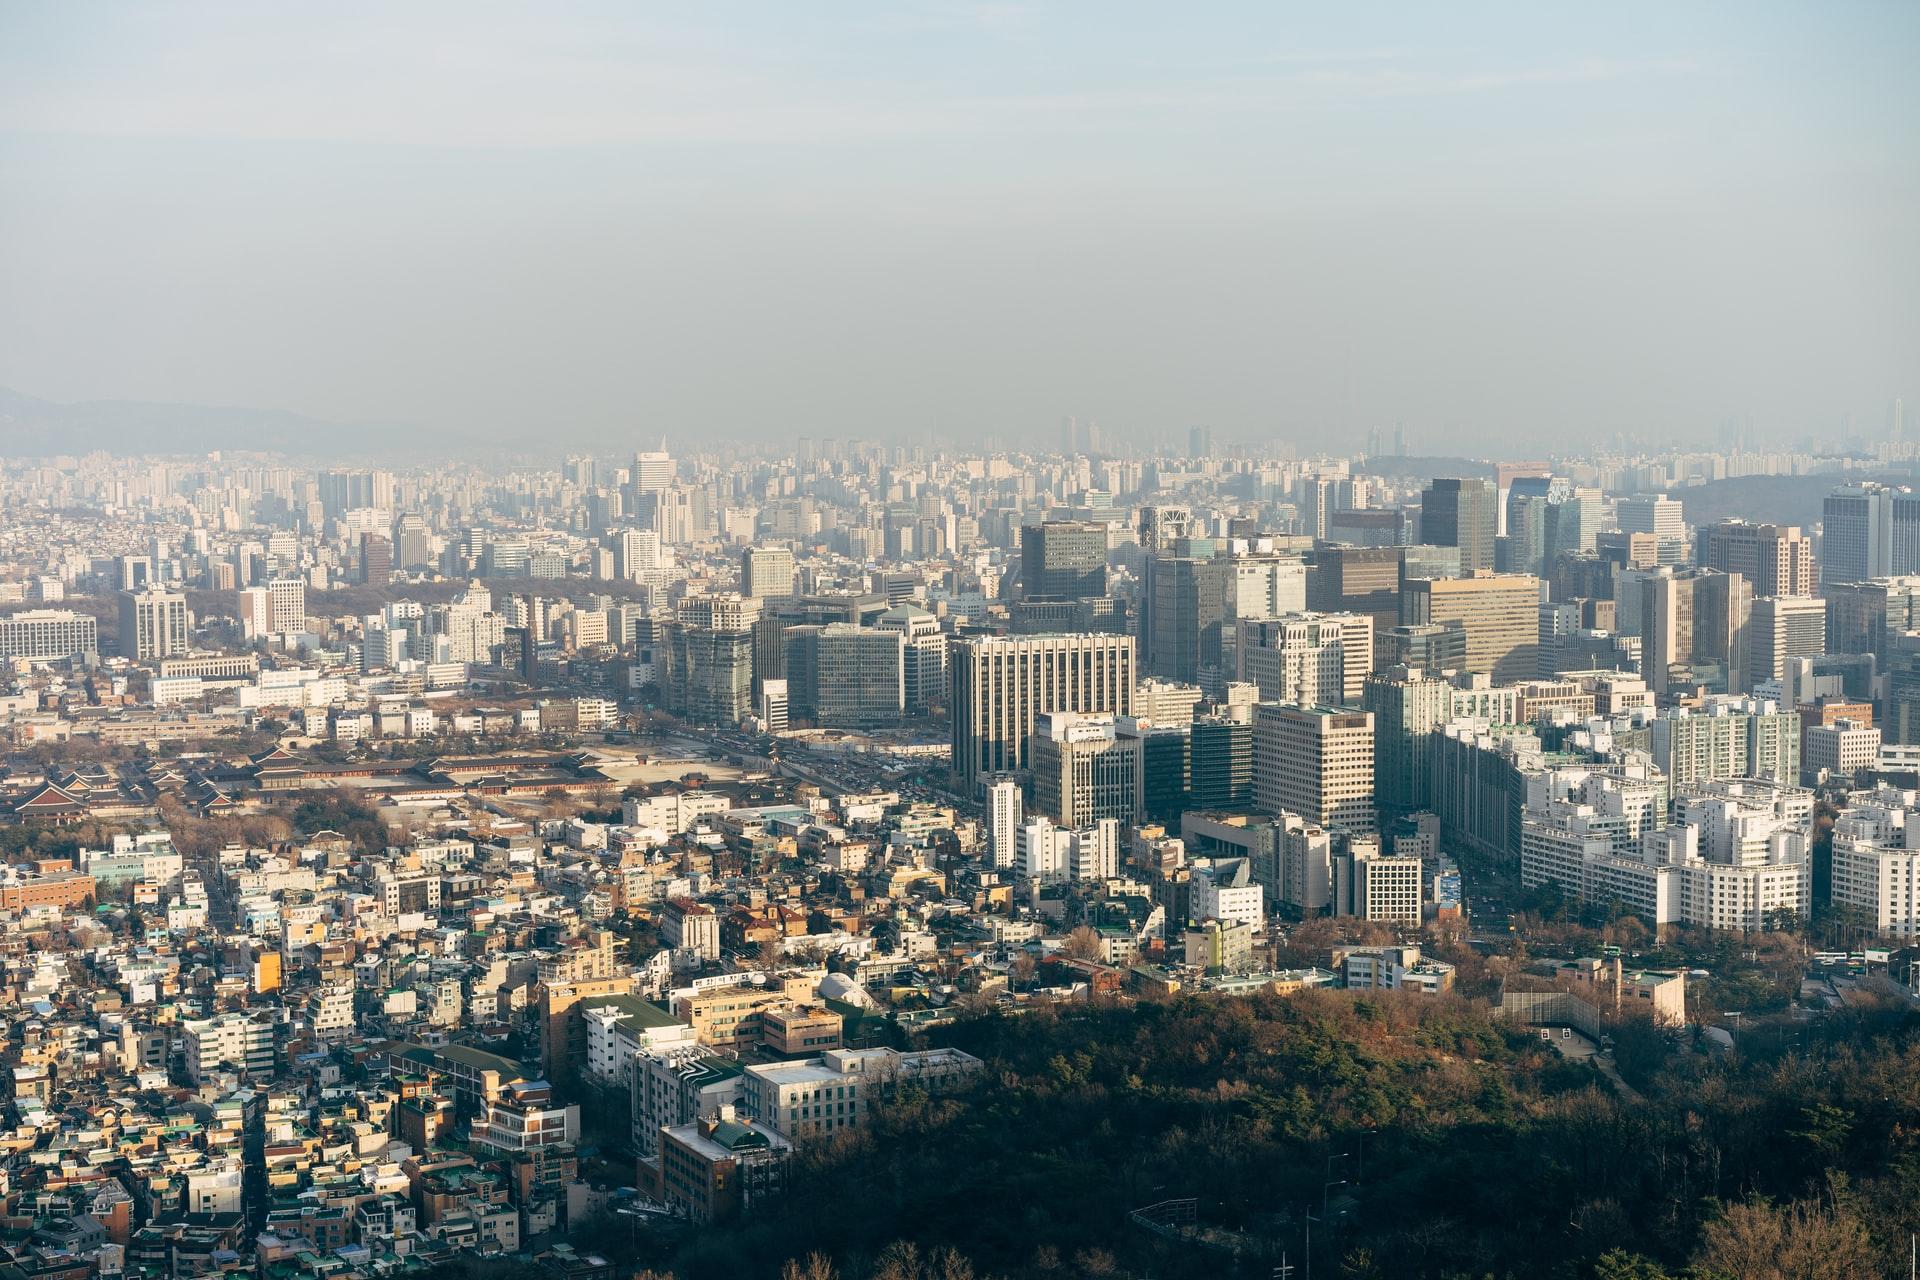 韓国の格差社会における背景